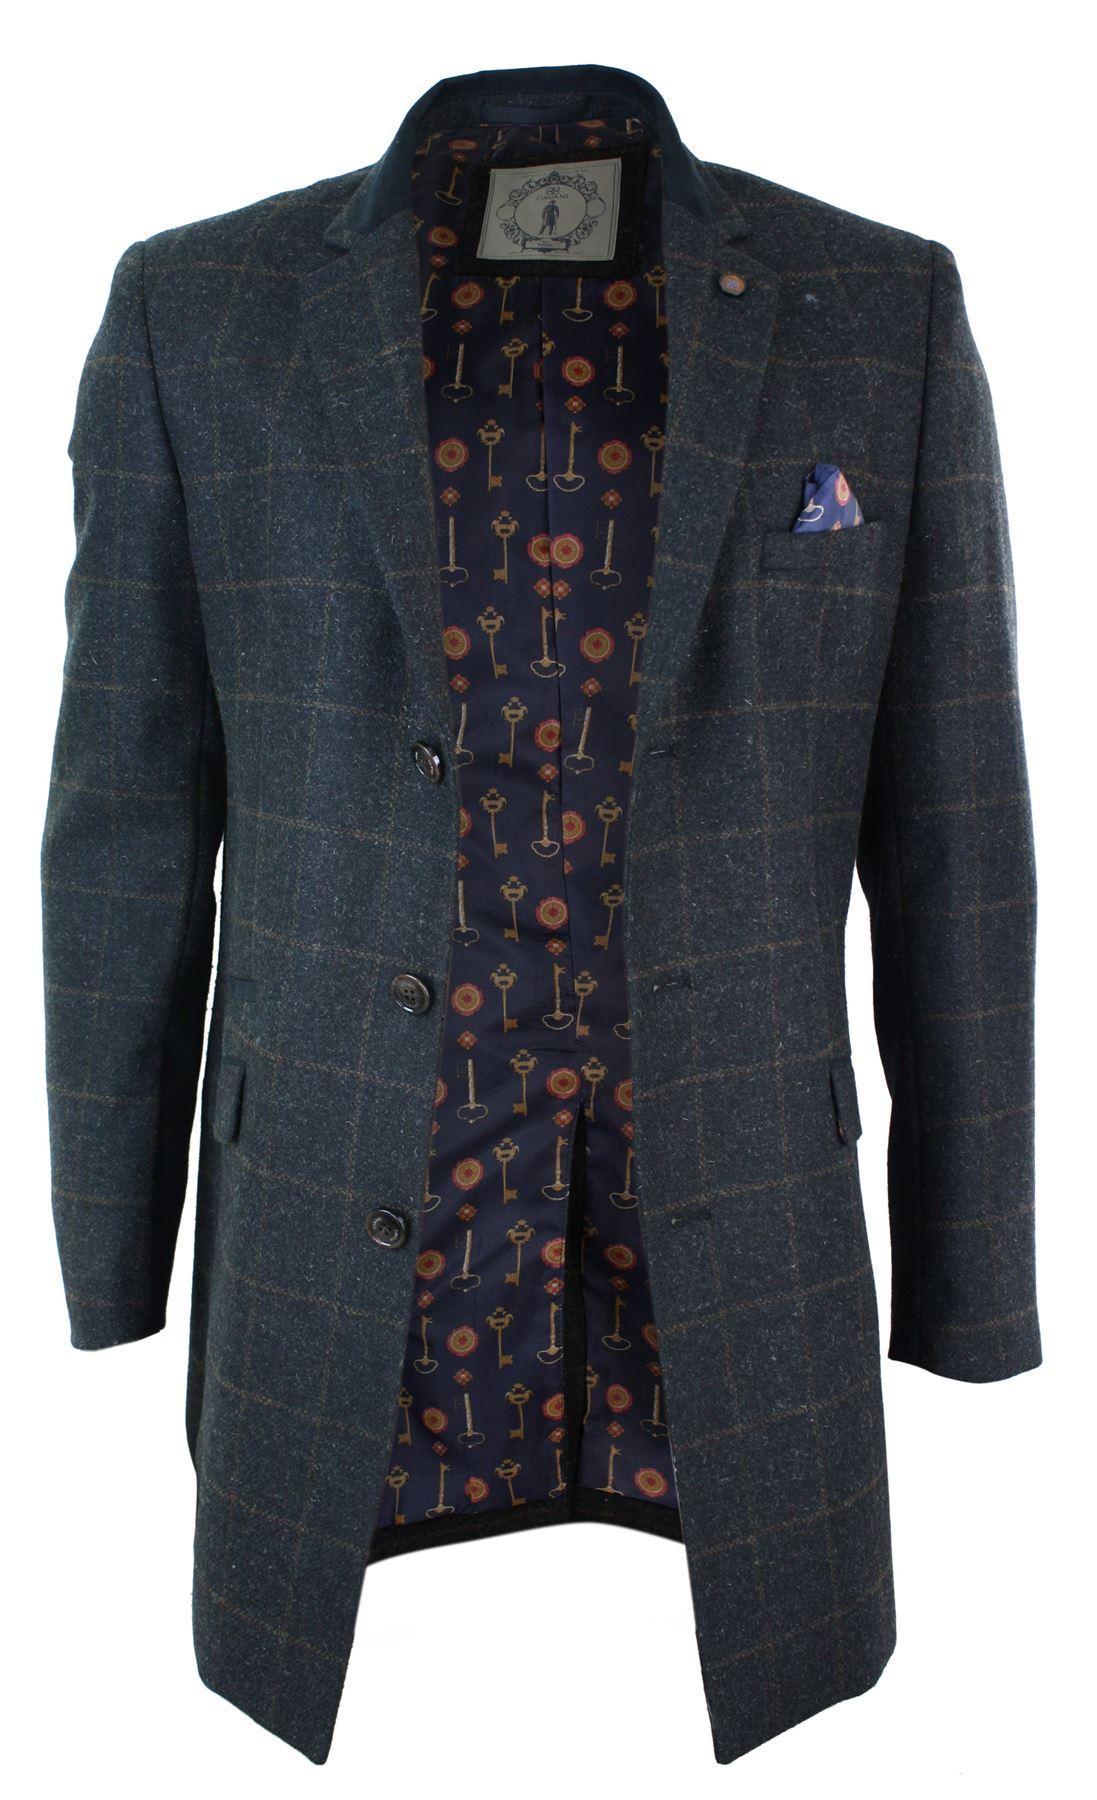 manteau homme veste 3 4 gris marron tweed laine chevrons et carreaux hiver ebay. Black Bedroom Furniture Sets. Home Design Ideas